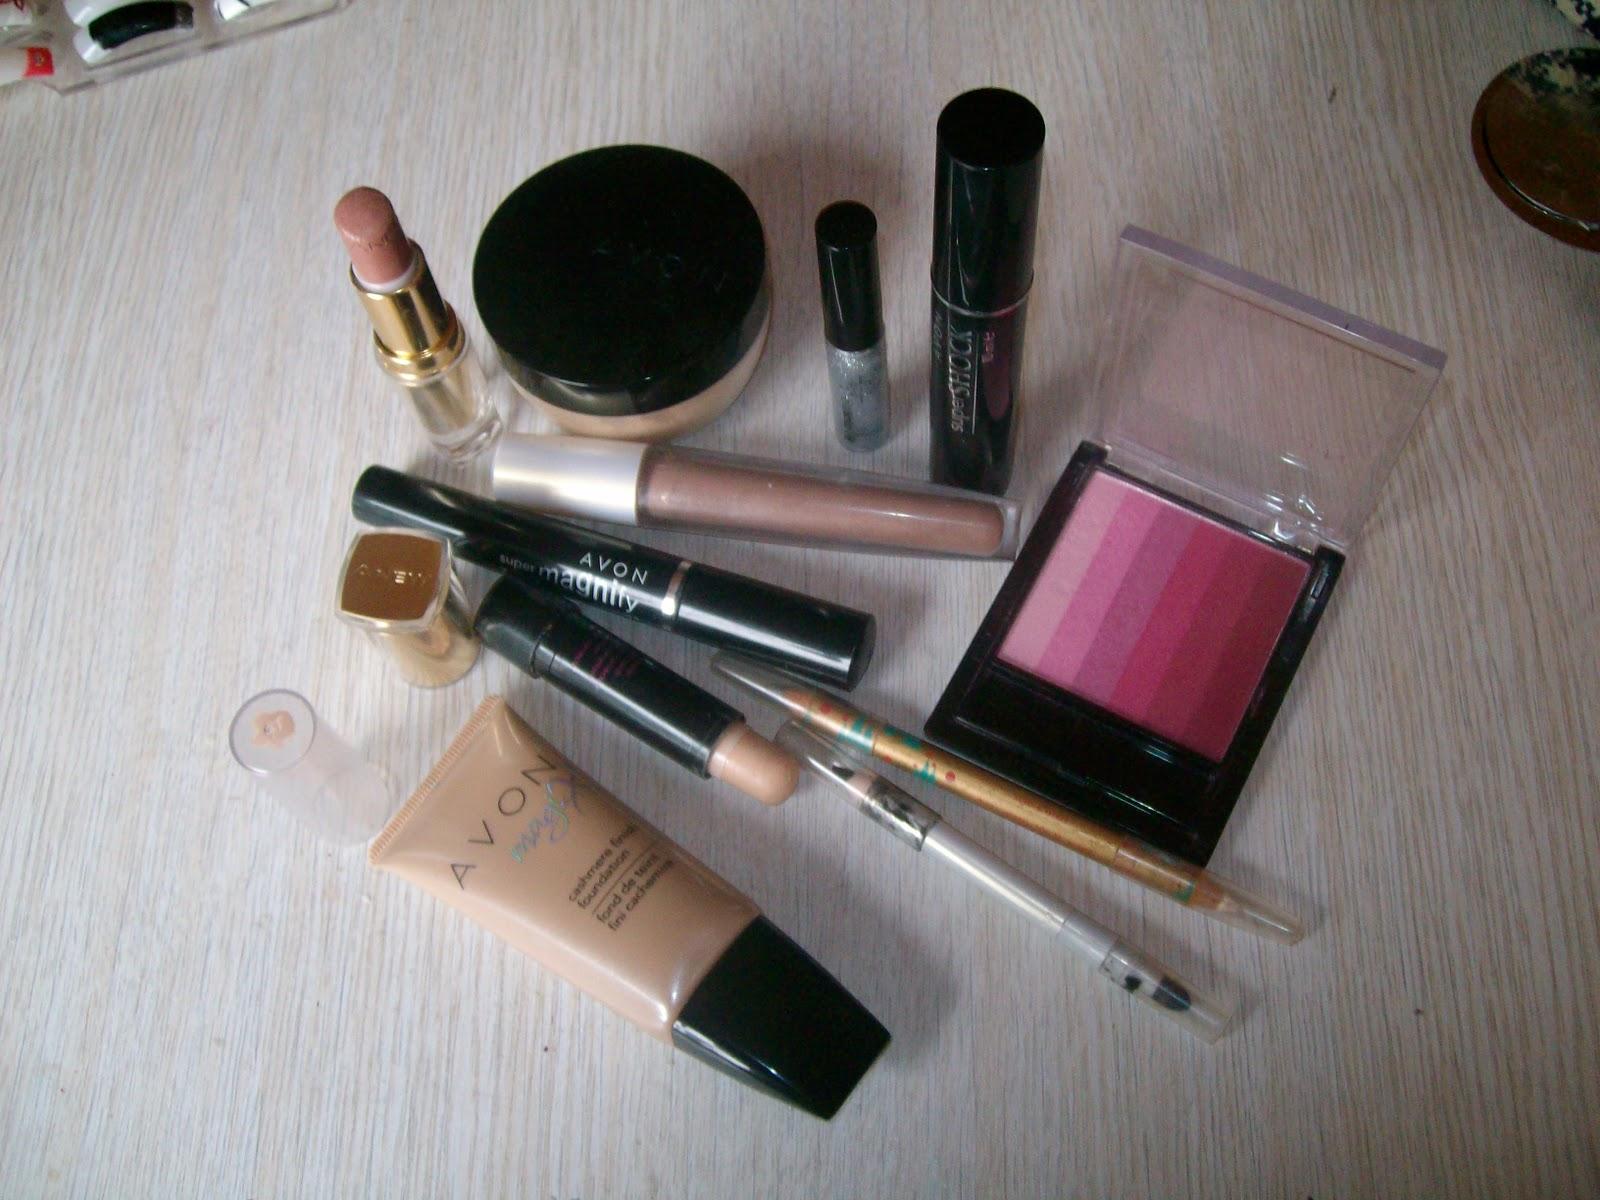 Make Up Avon Neutral Eyes Anda Zelenca Blog